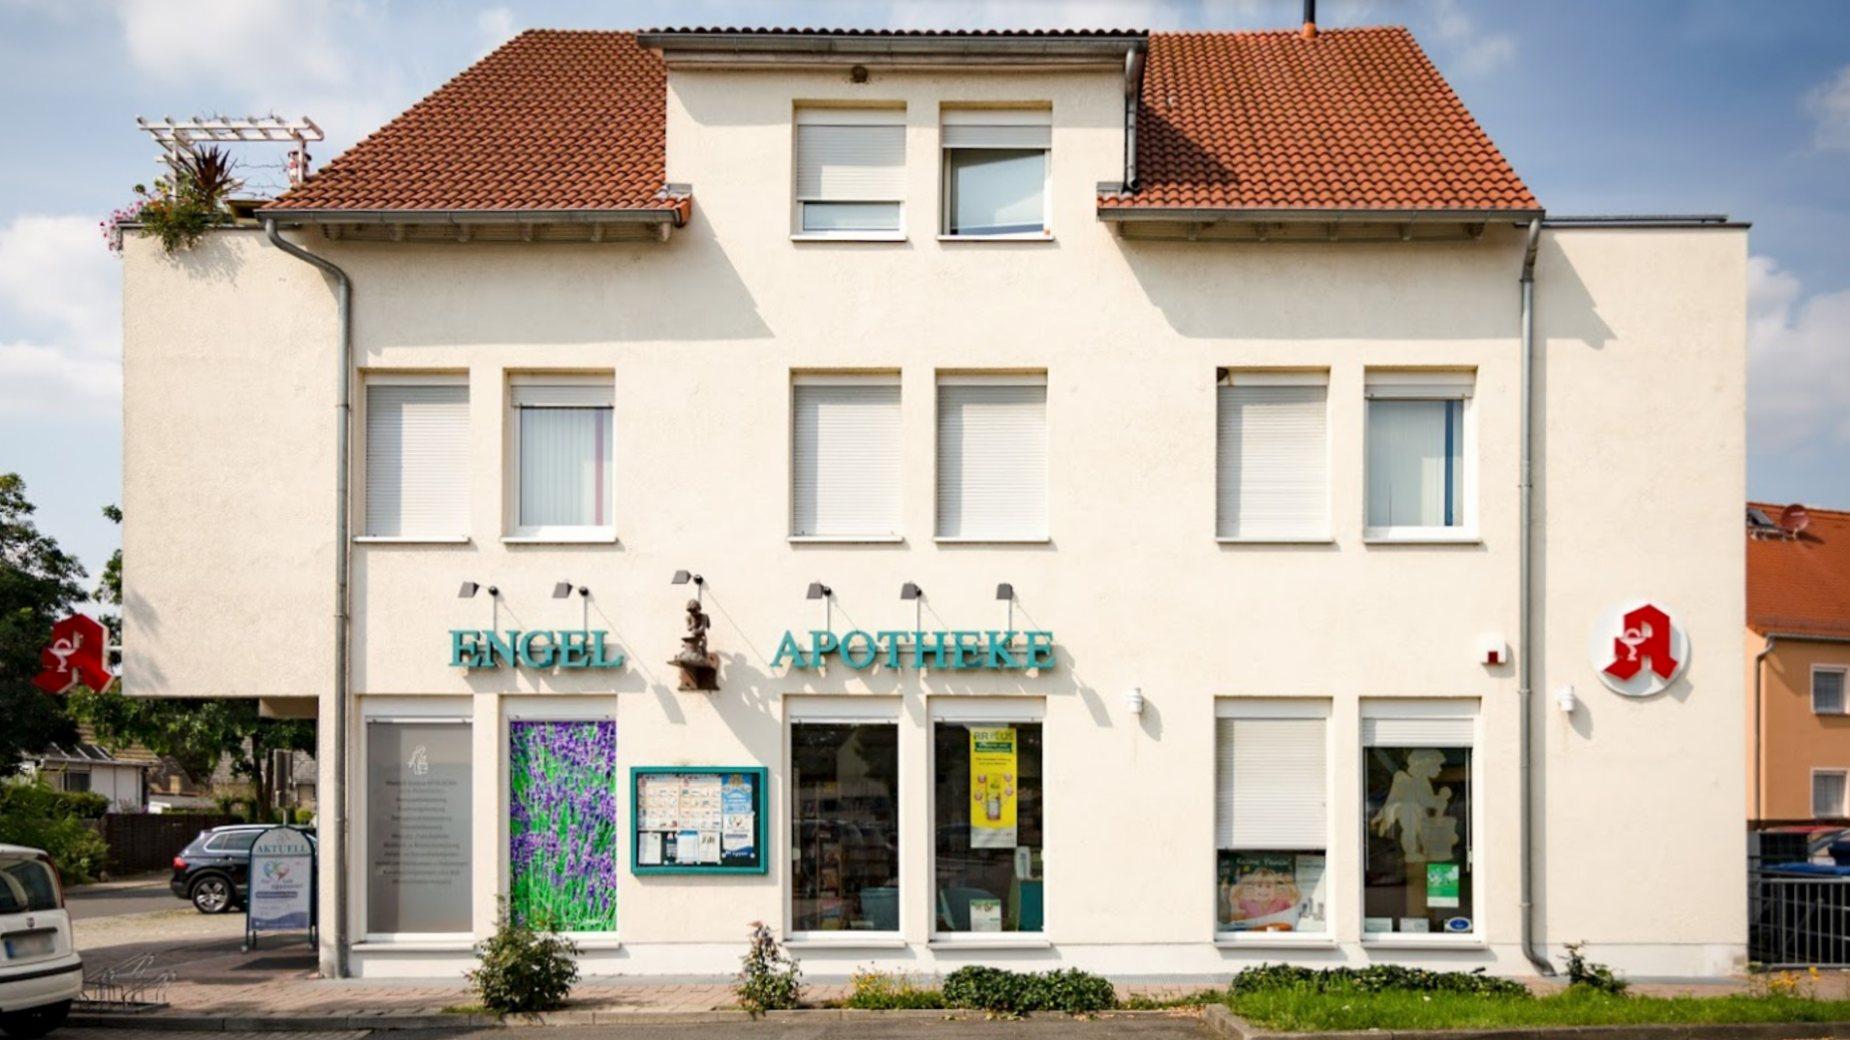 Engel Apotheke Naunhof Notdienst Medikamente Reiseapotheke Blutzuckermessung Diabetesberatung